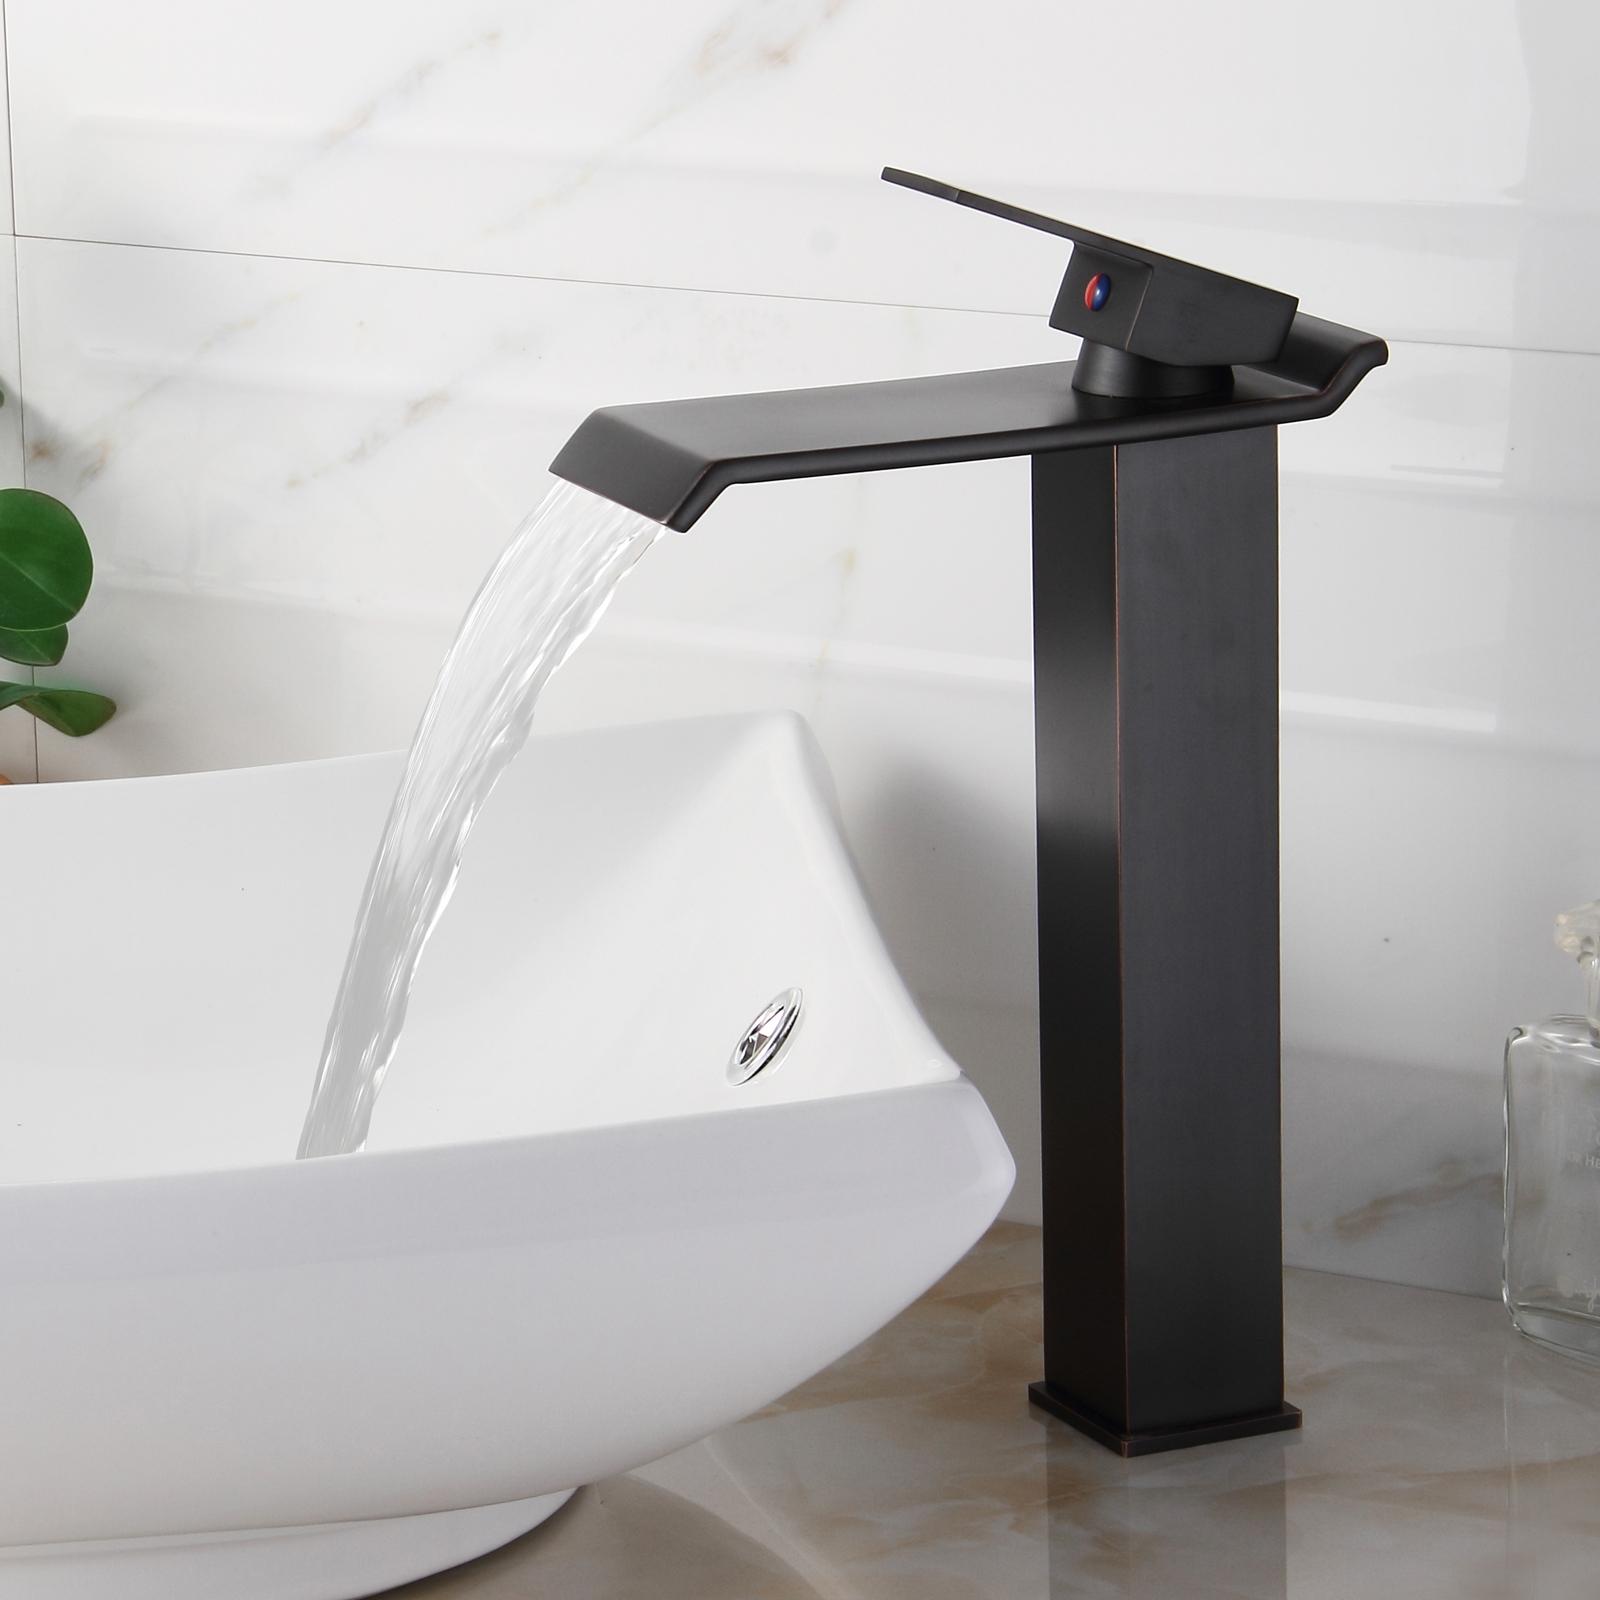 Ideas, waterfall vessel sink bathroom faucet waterfall vessel sink bathroom faucet elite 8818orb oil rubbed bronze waterfall vessel sink faucet 1600 x 1600  .